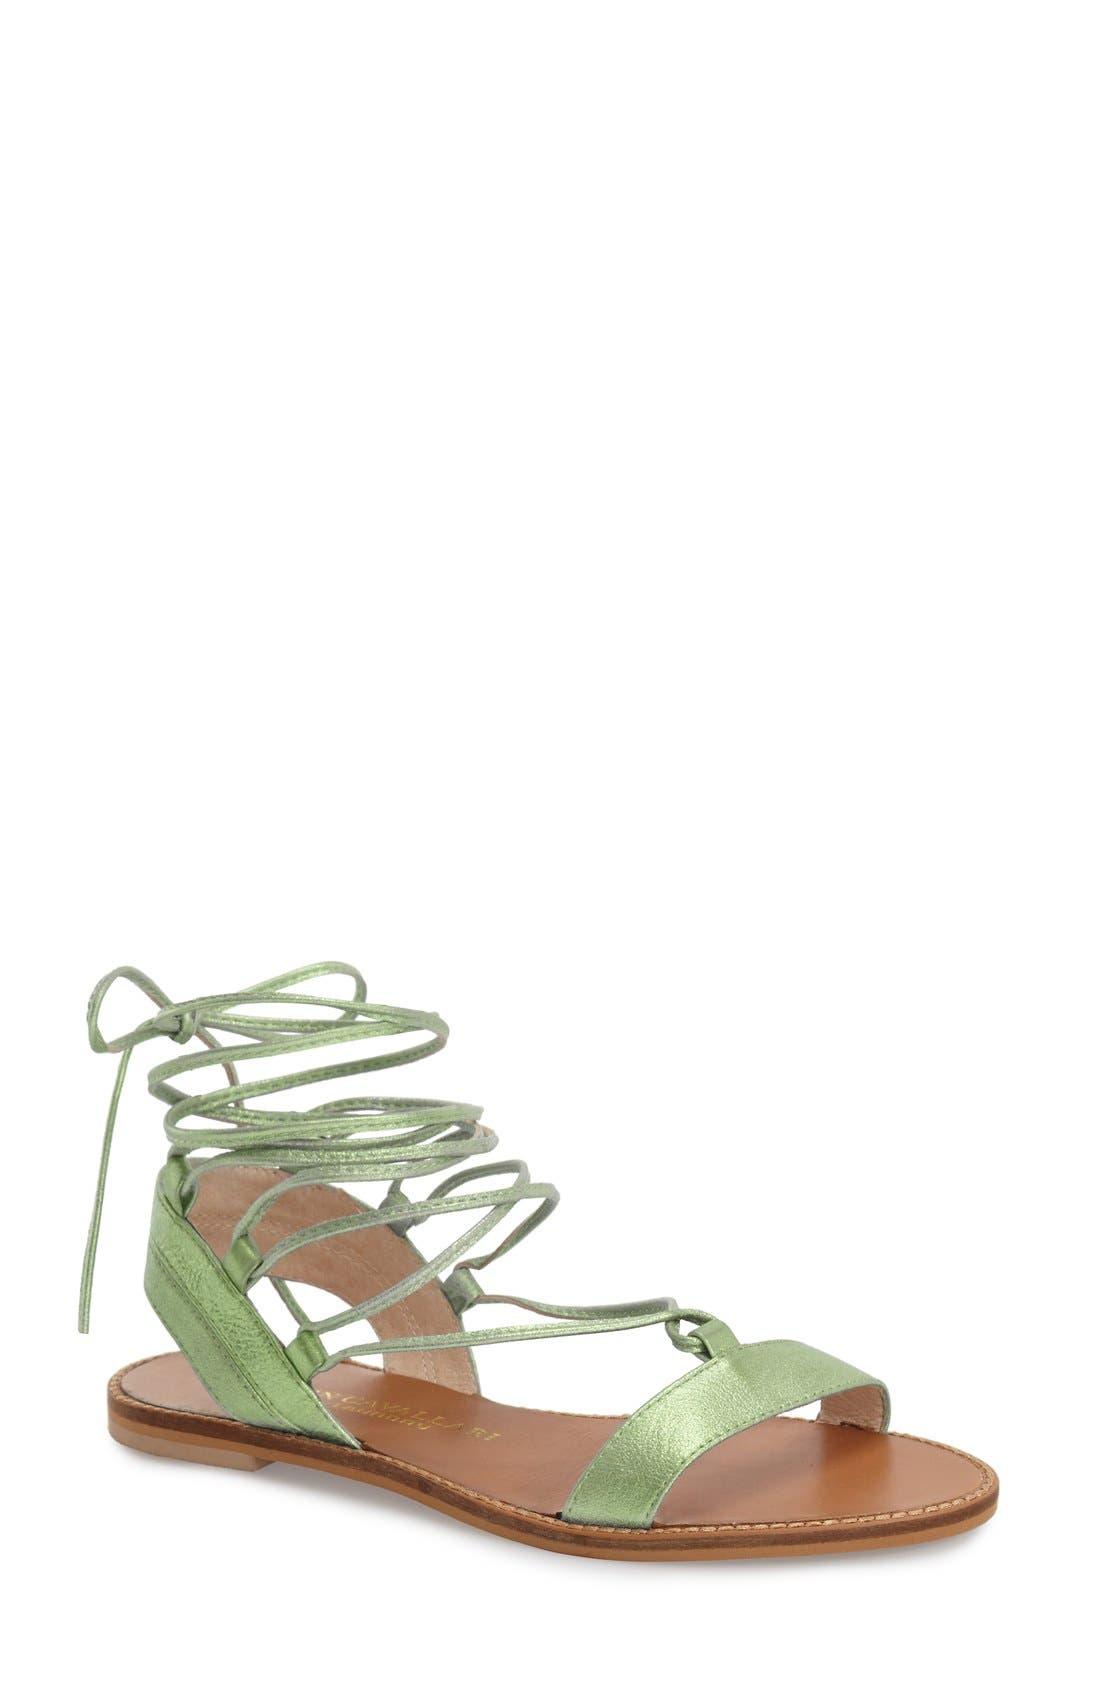 'Belle' Lace-Up Sandal,                         Main,                         color, Mint Leather